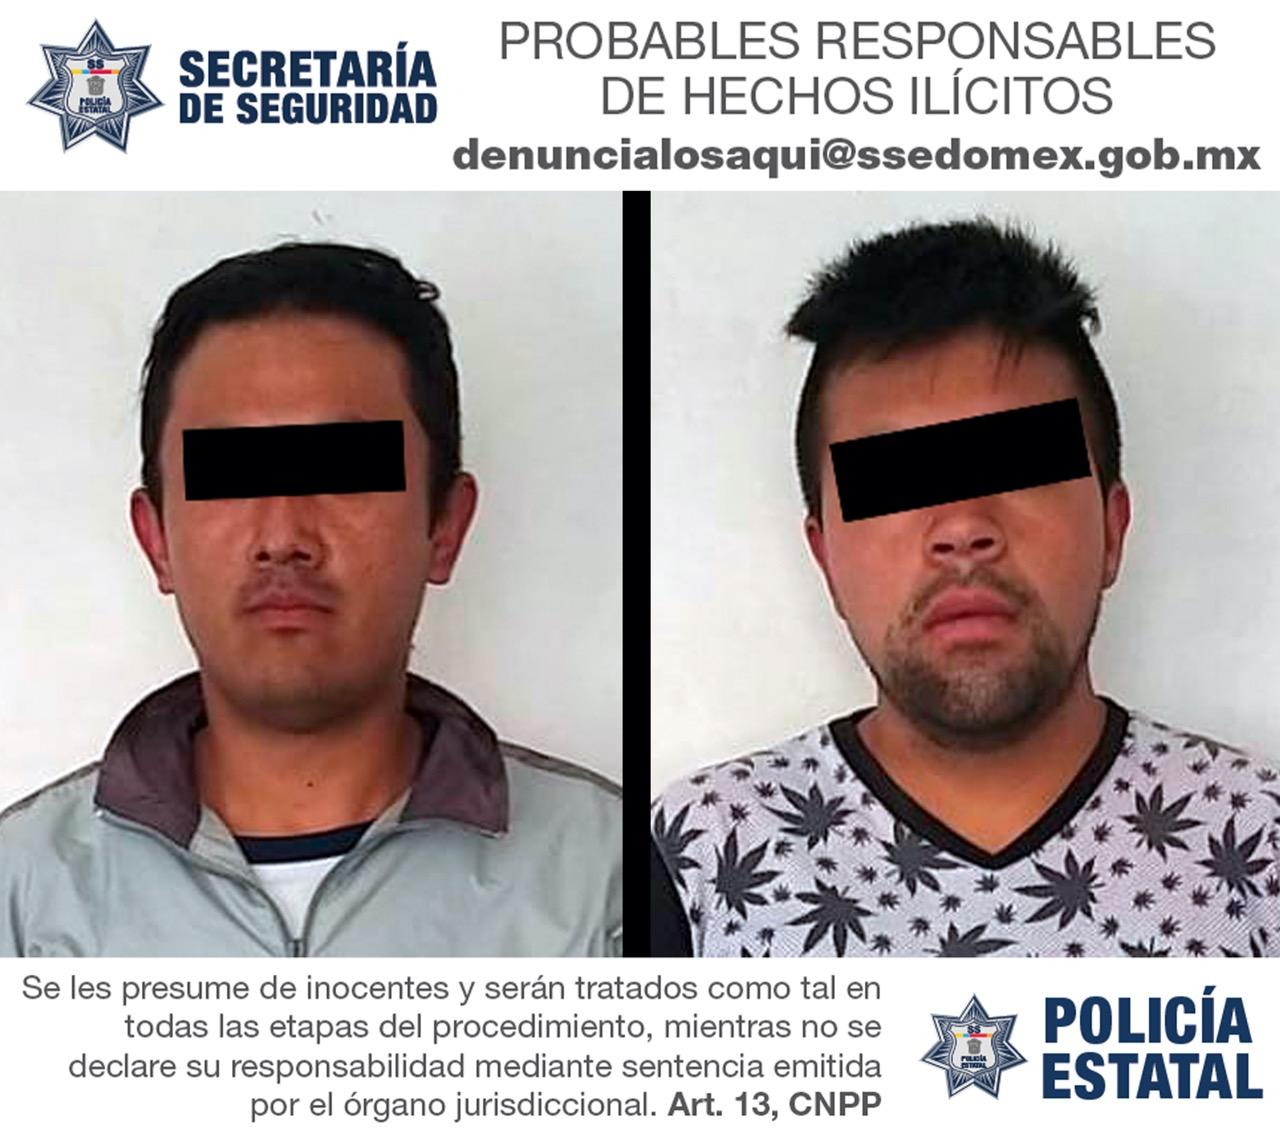 APREHENDEN A DOS RESPONSABLES DE DESVALIJAR UN VEHÍCULO CON REPORTE DE ROBO